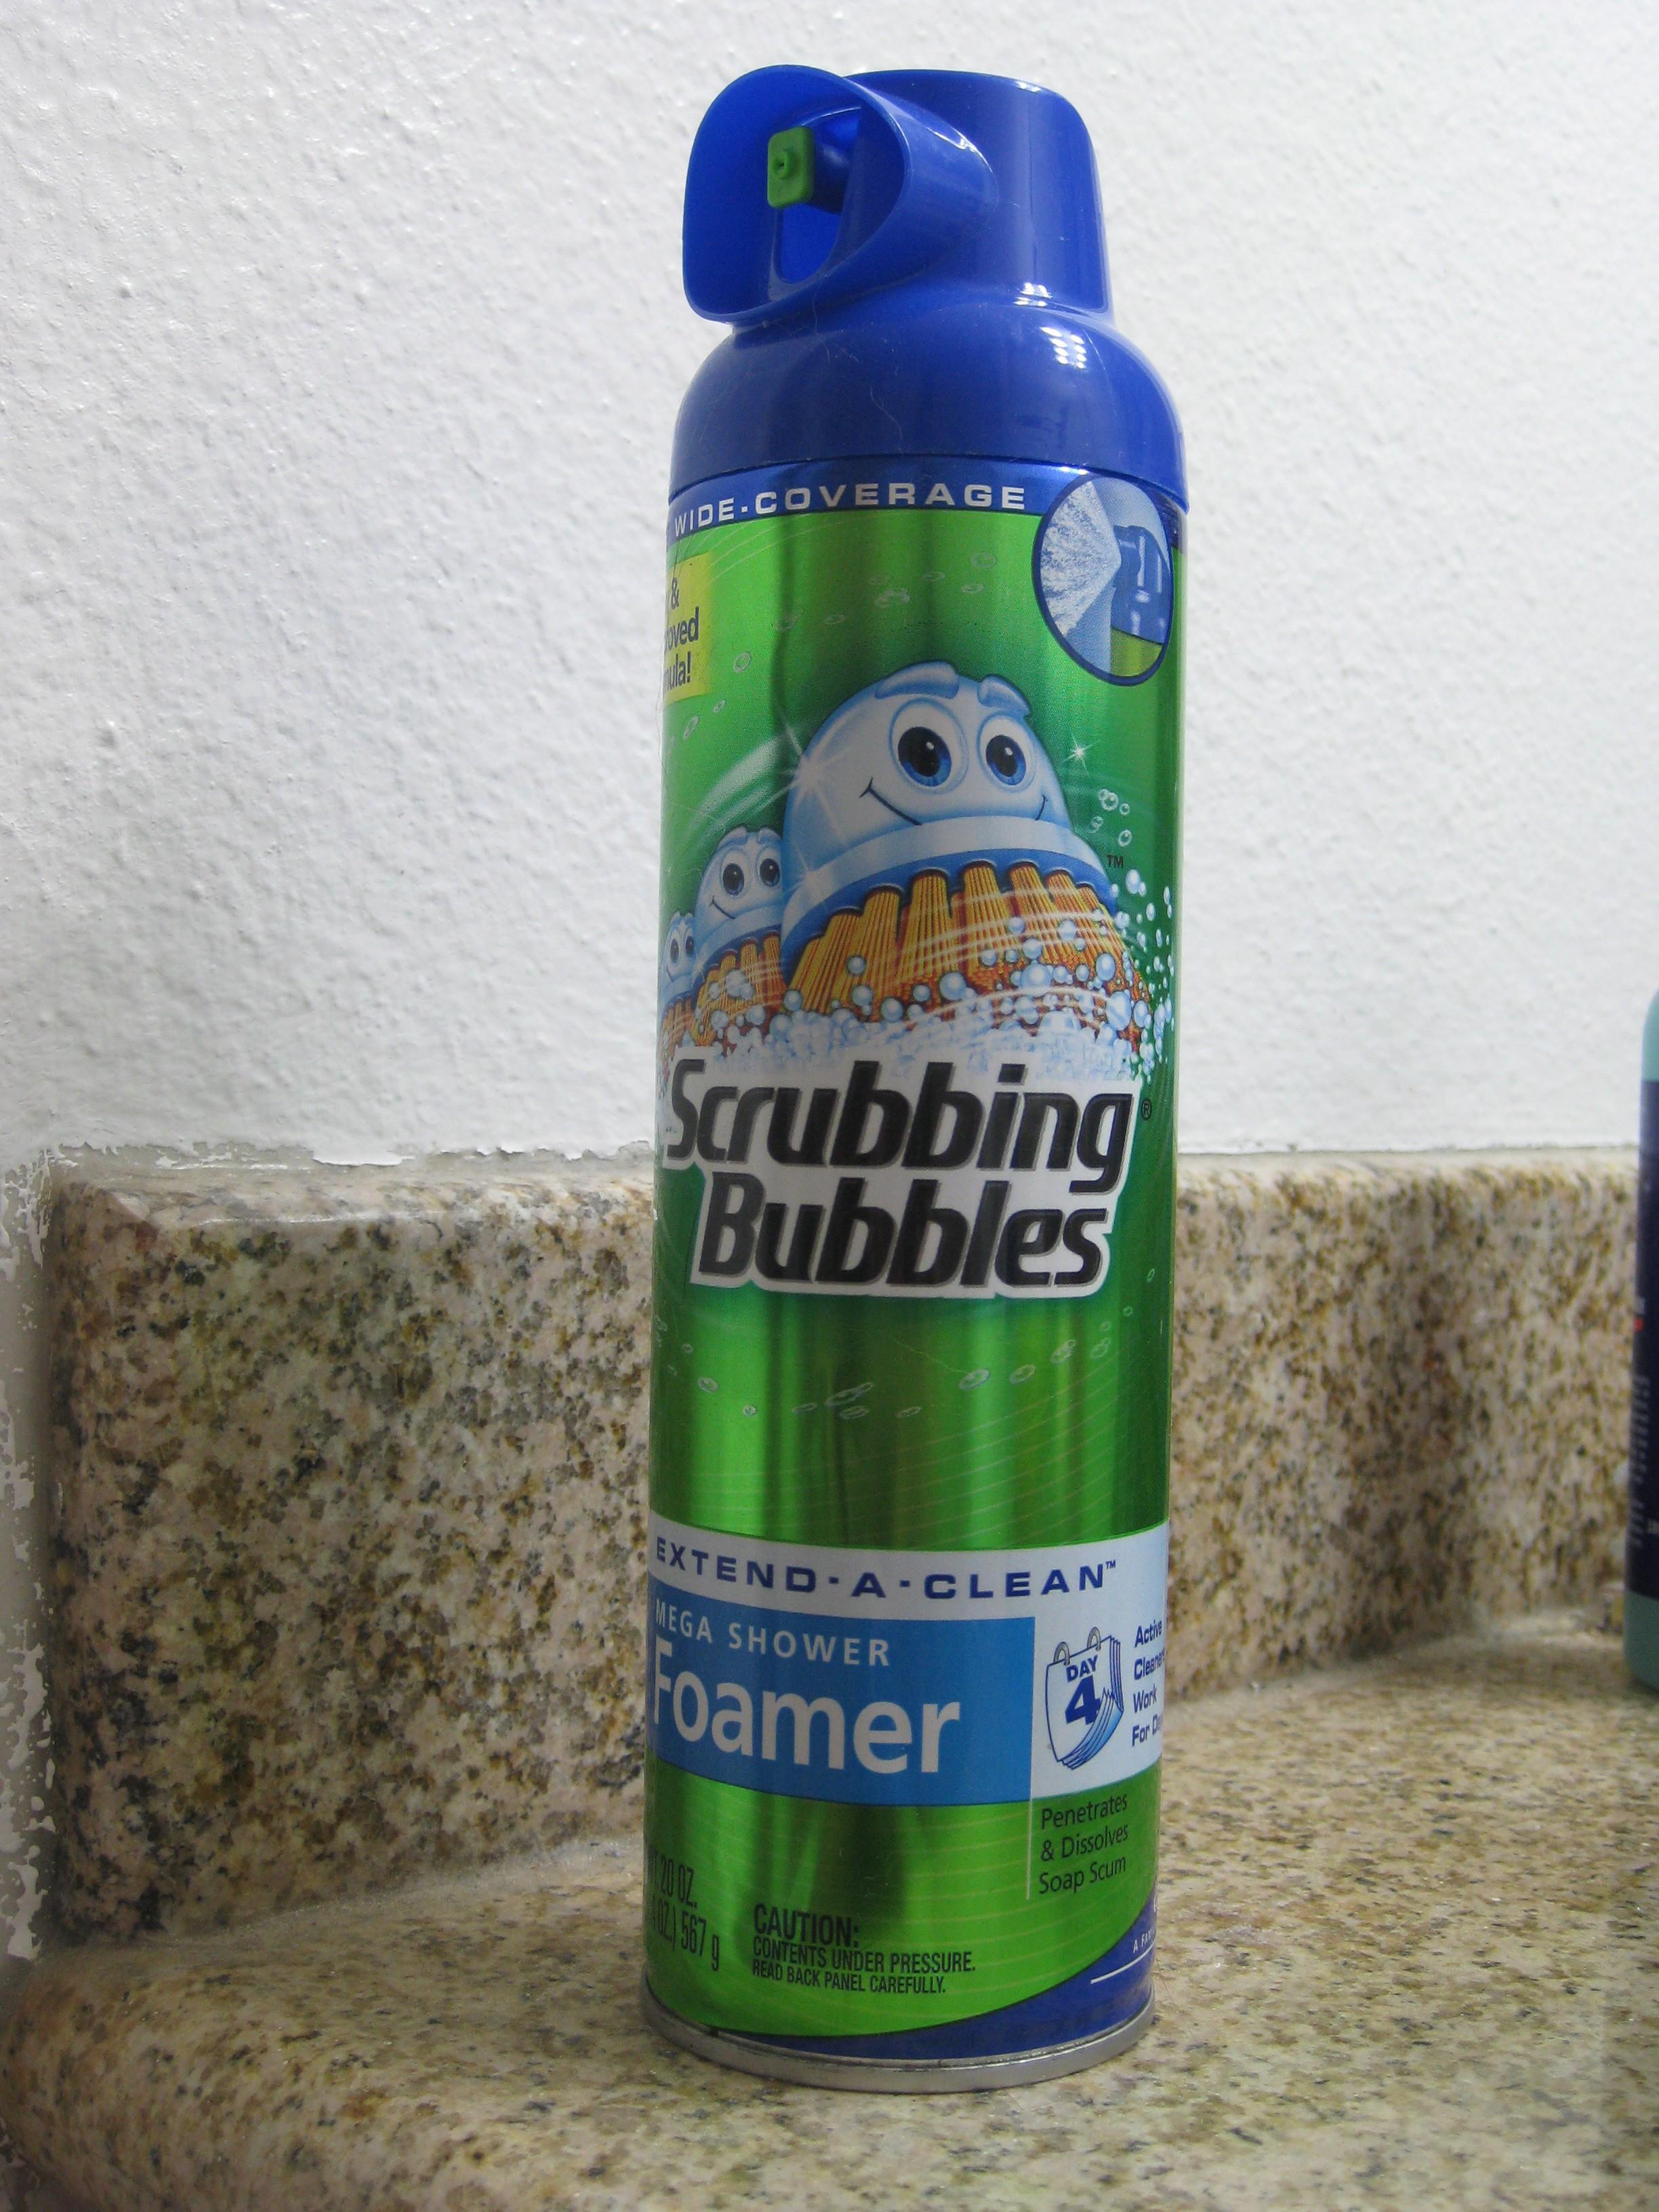 Scrubbing Bubbles Mega Shower Foamer Reviews In Bathroom